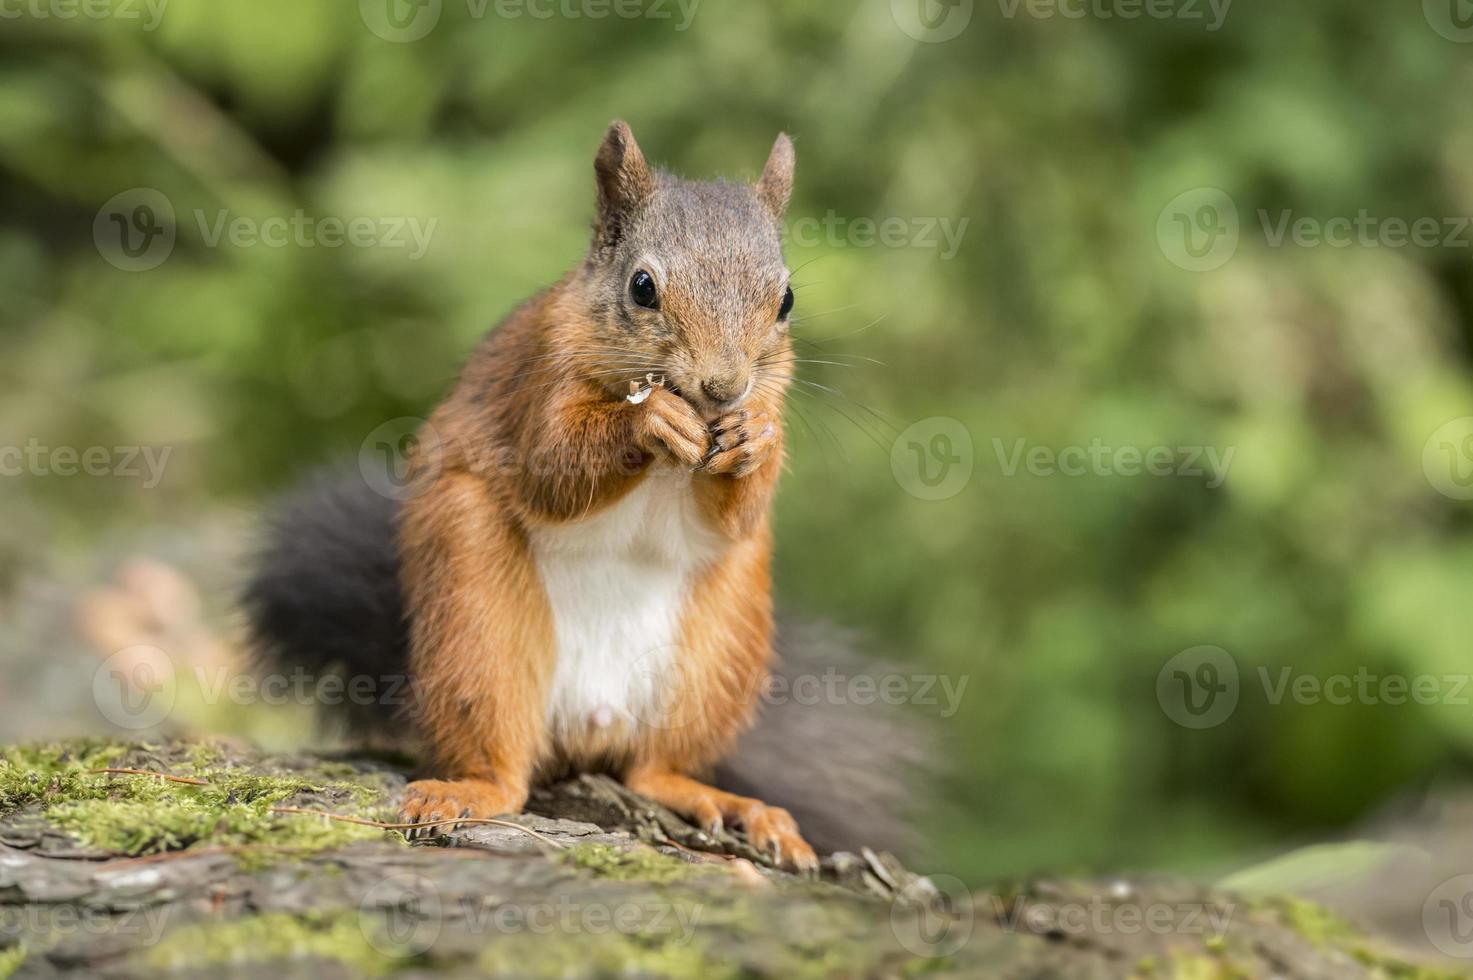 röd ekorre, sitter på en trädstam och äter en mutter foto